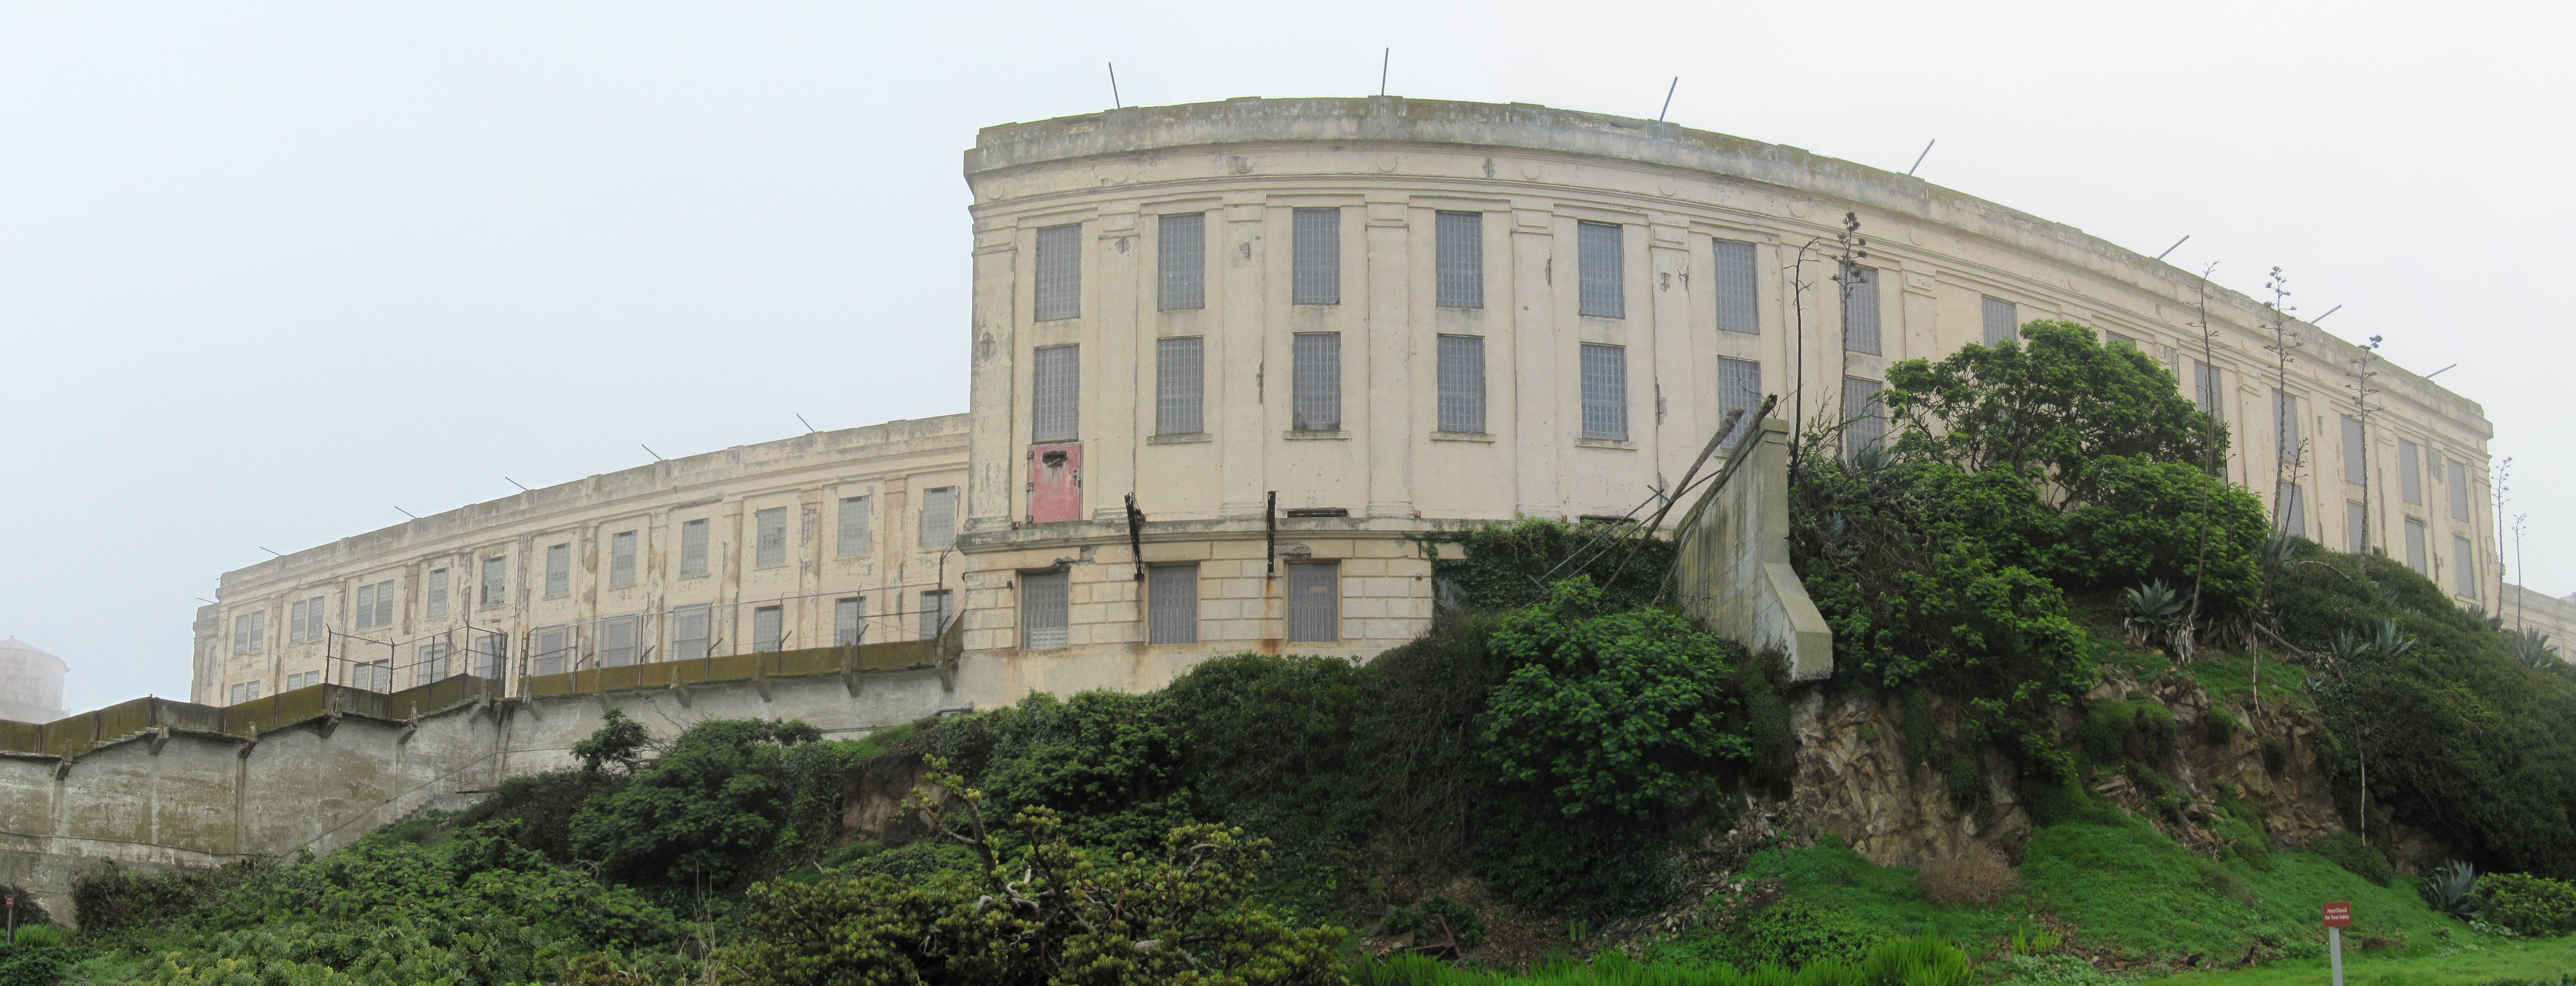 Alcatraz panorama for Alcatraz fine mexican cuisine